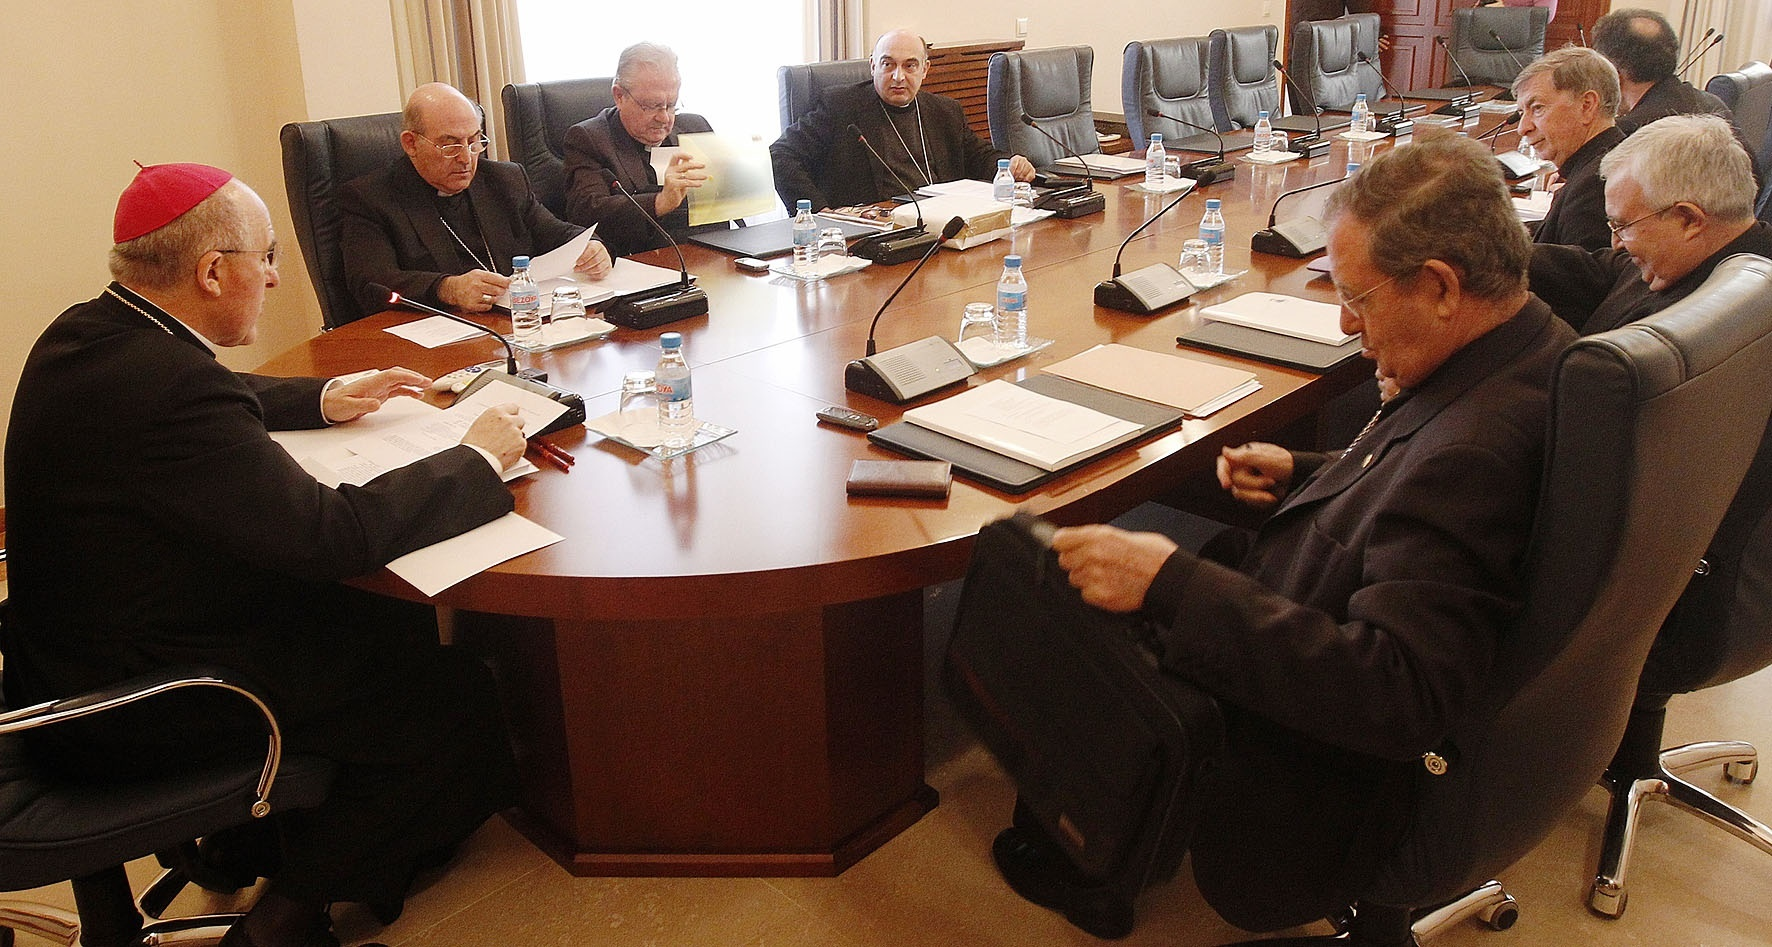 Obispos de Valencia, Baleares y Tortosa llaman a la «austeridad y solidaridad» ante la crisis